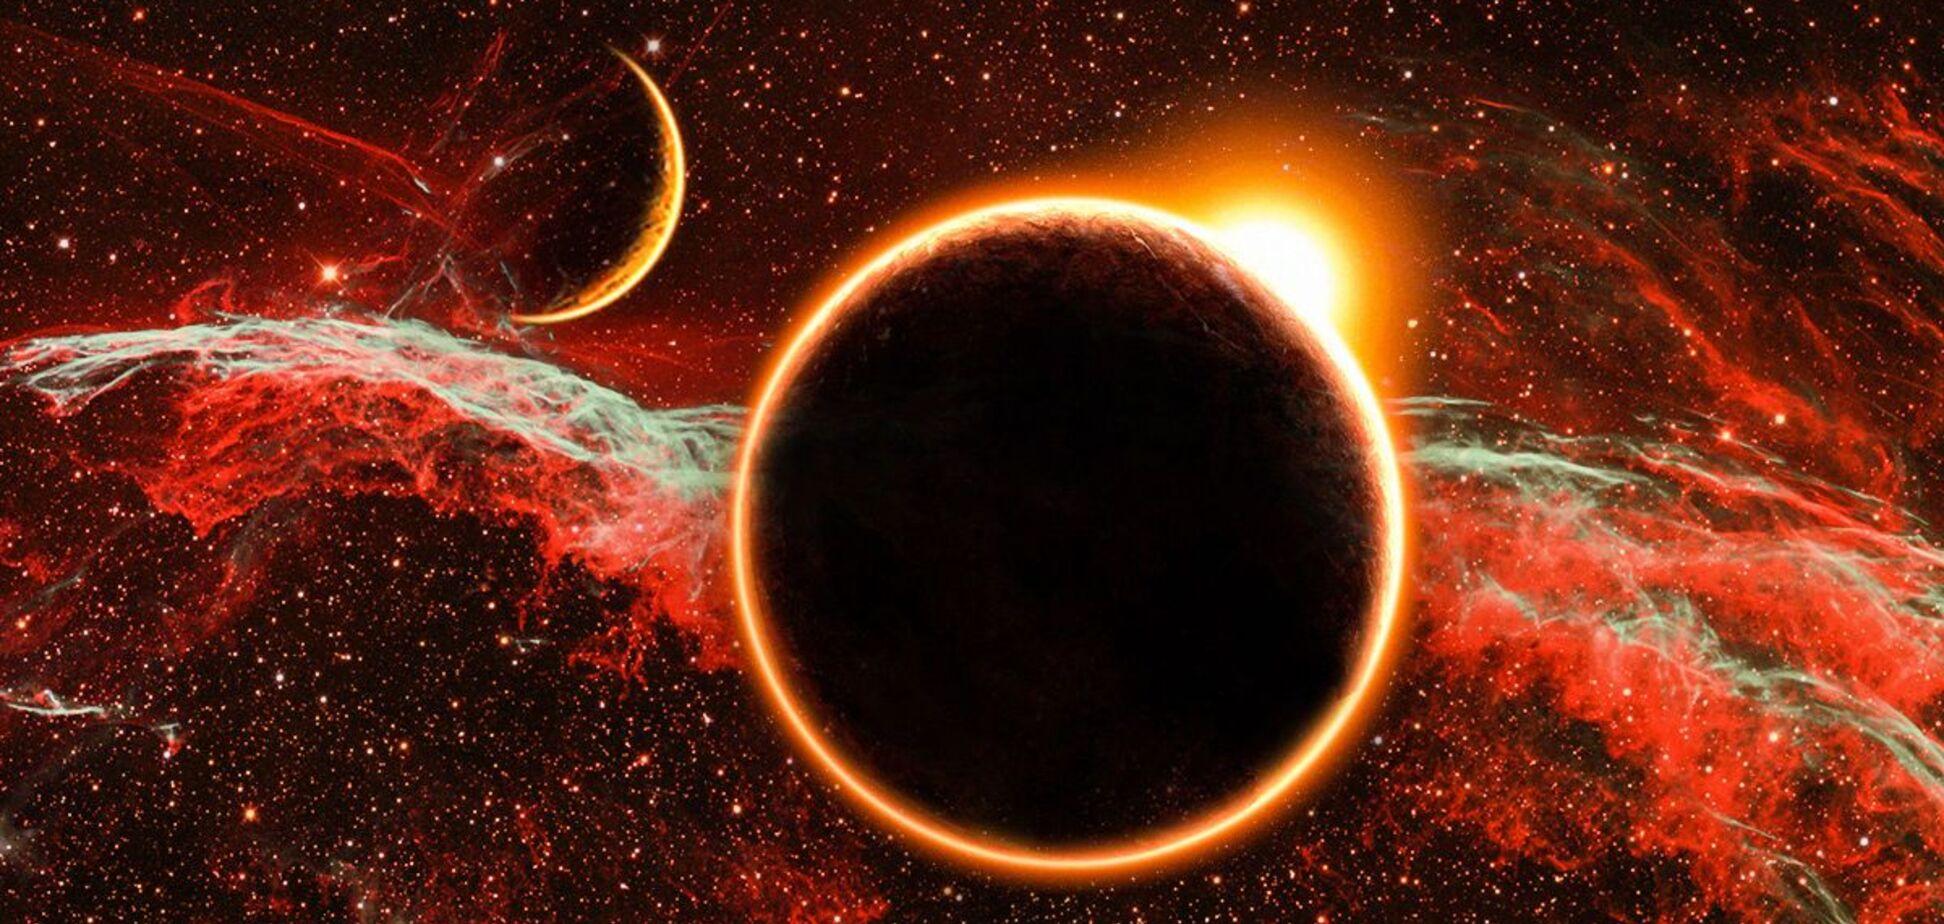 Гряде 'коридор затемнень': де і коли можна побачити 3 унікальних астрологічних явища